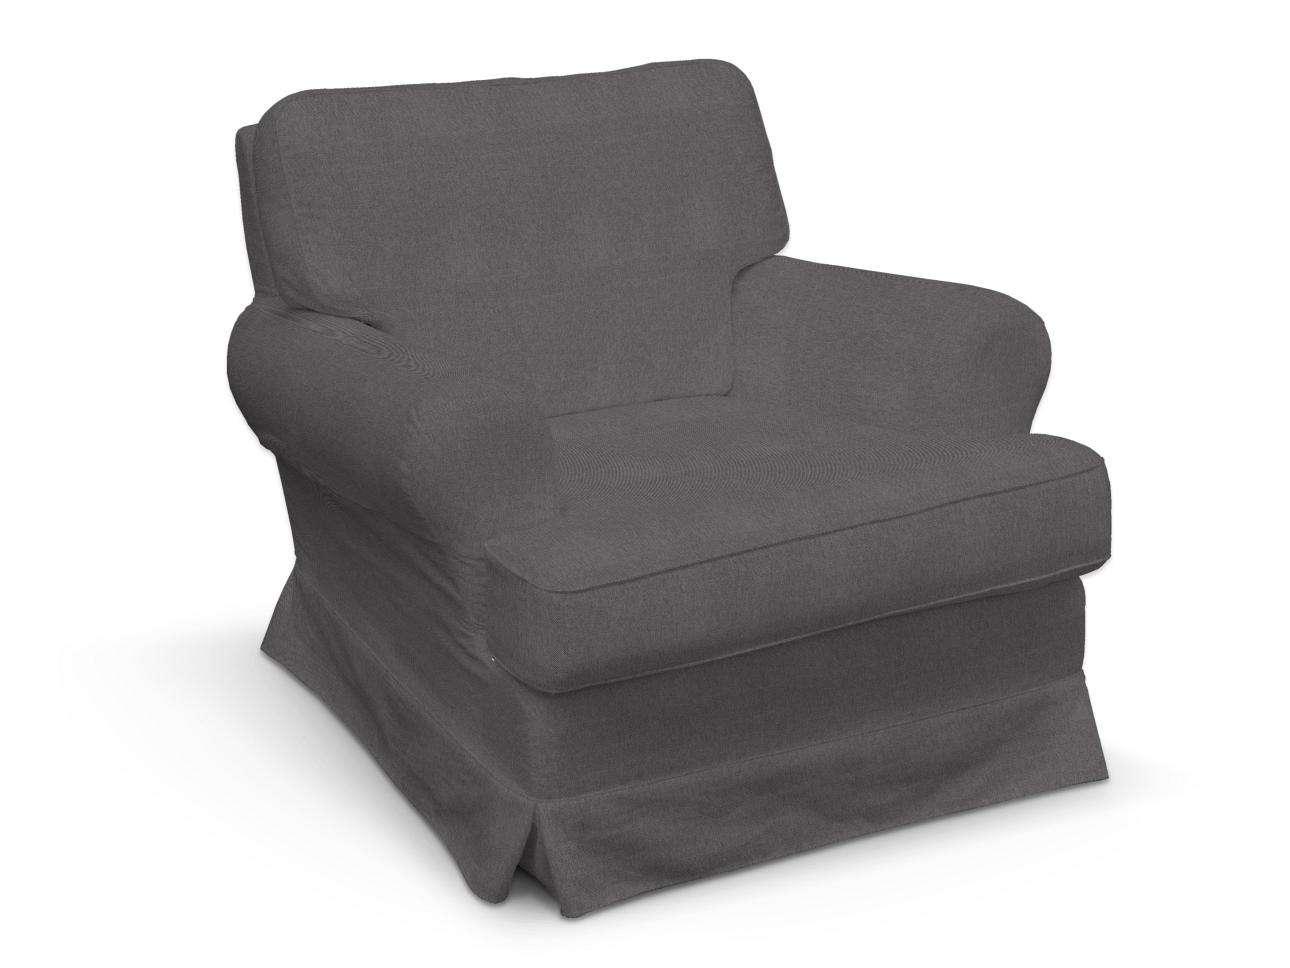 Pokrowiec na fotel Barkaby fotel Barkaby w kolekcji Etna , tkanina: 705-35